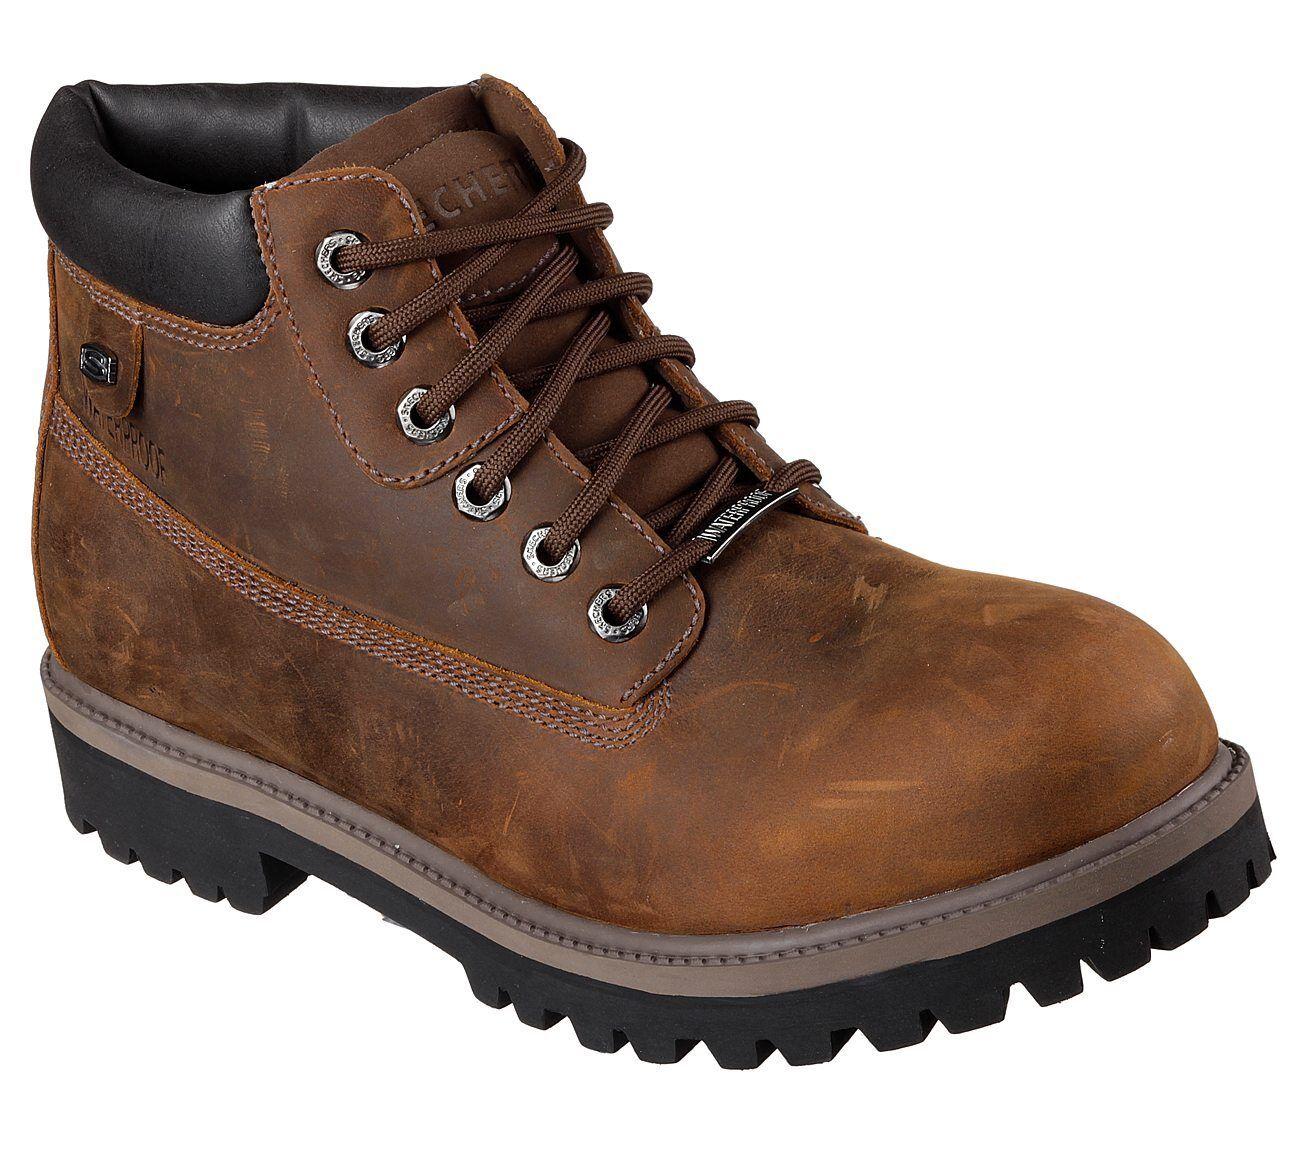 Mens Skechers Verdict Brown Work Boot 4442